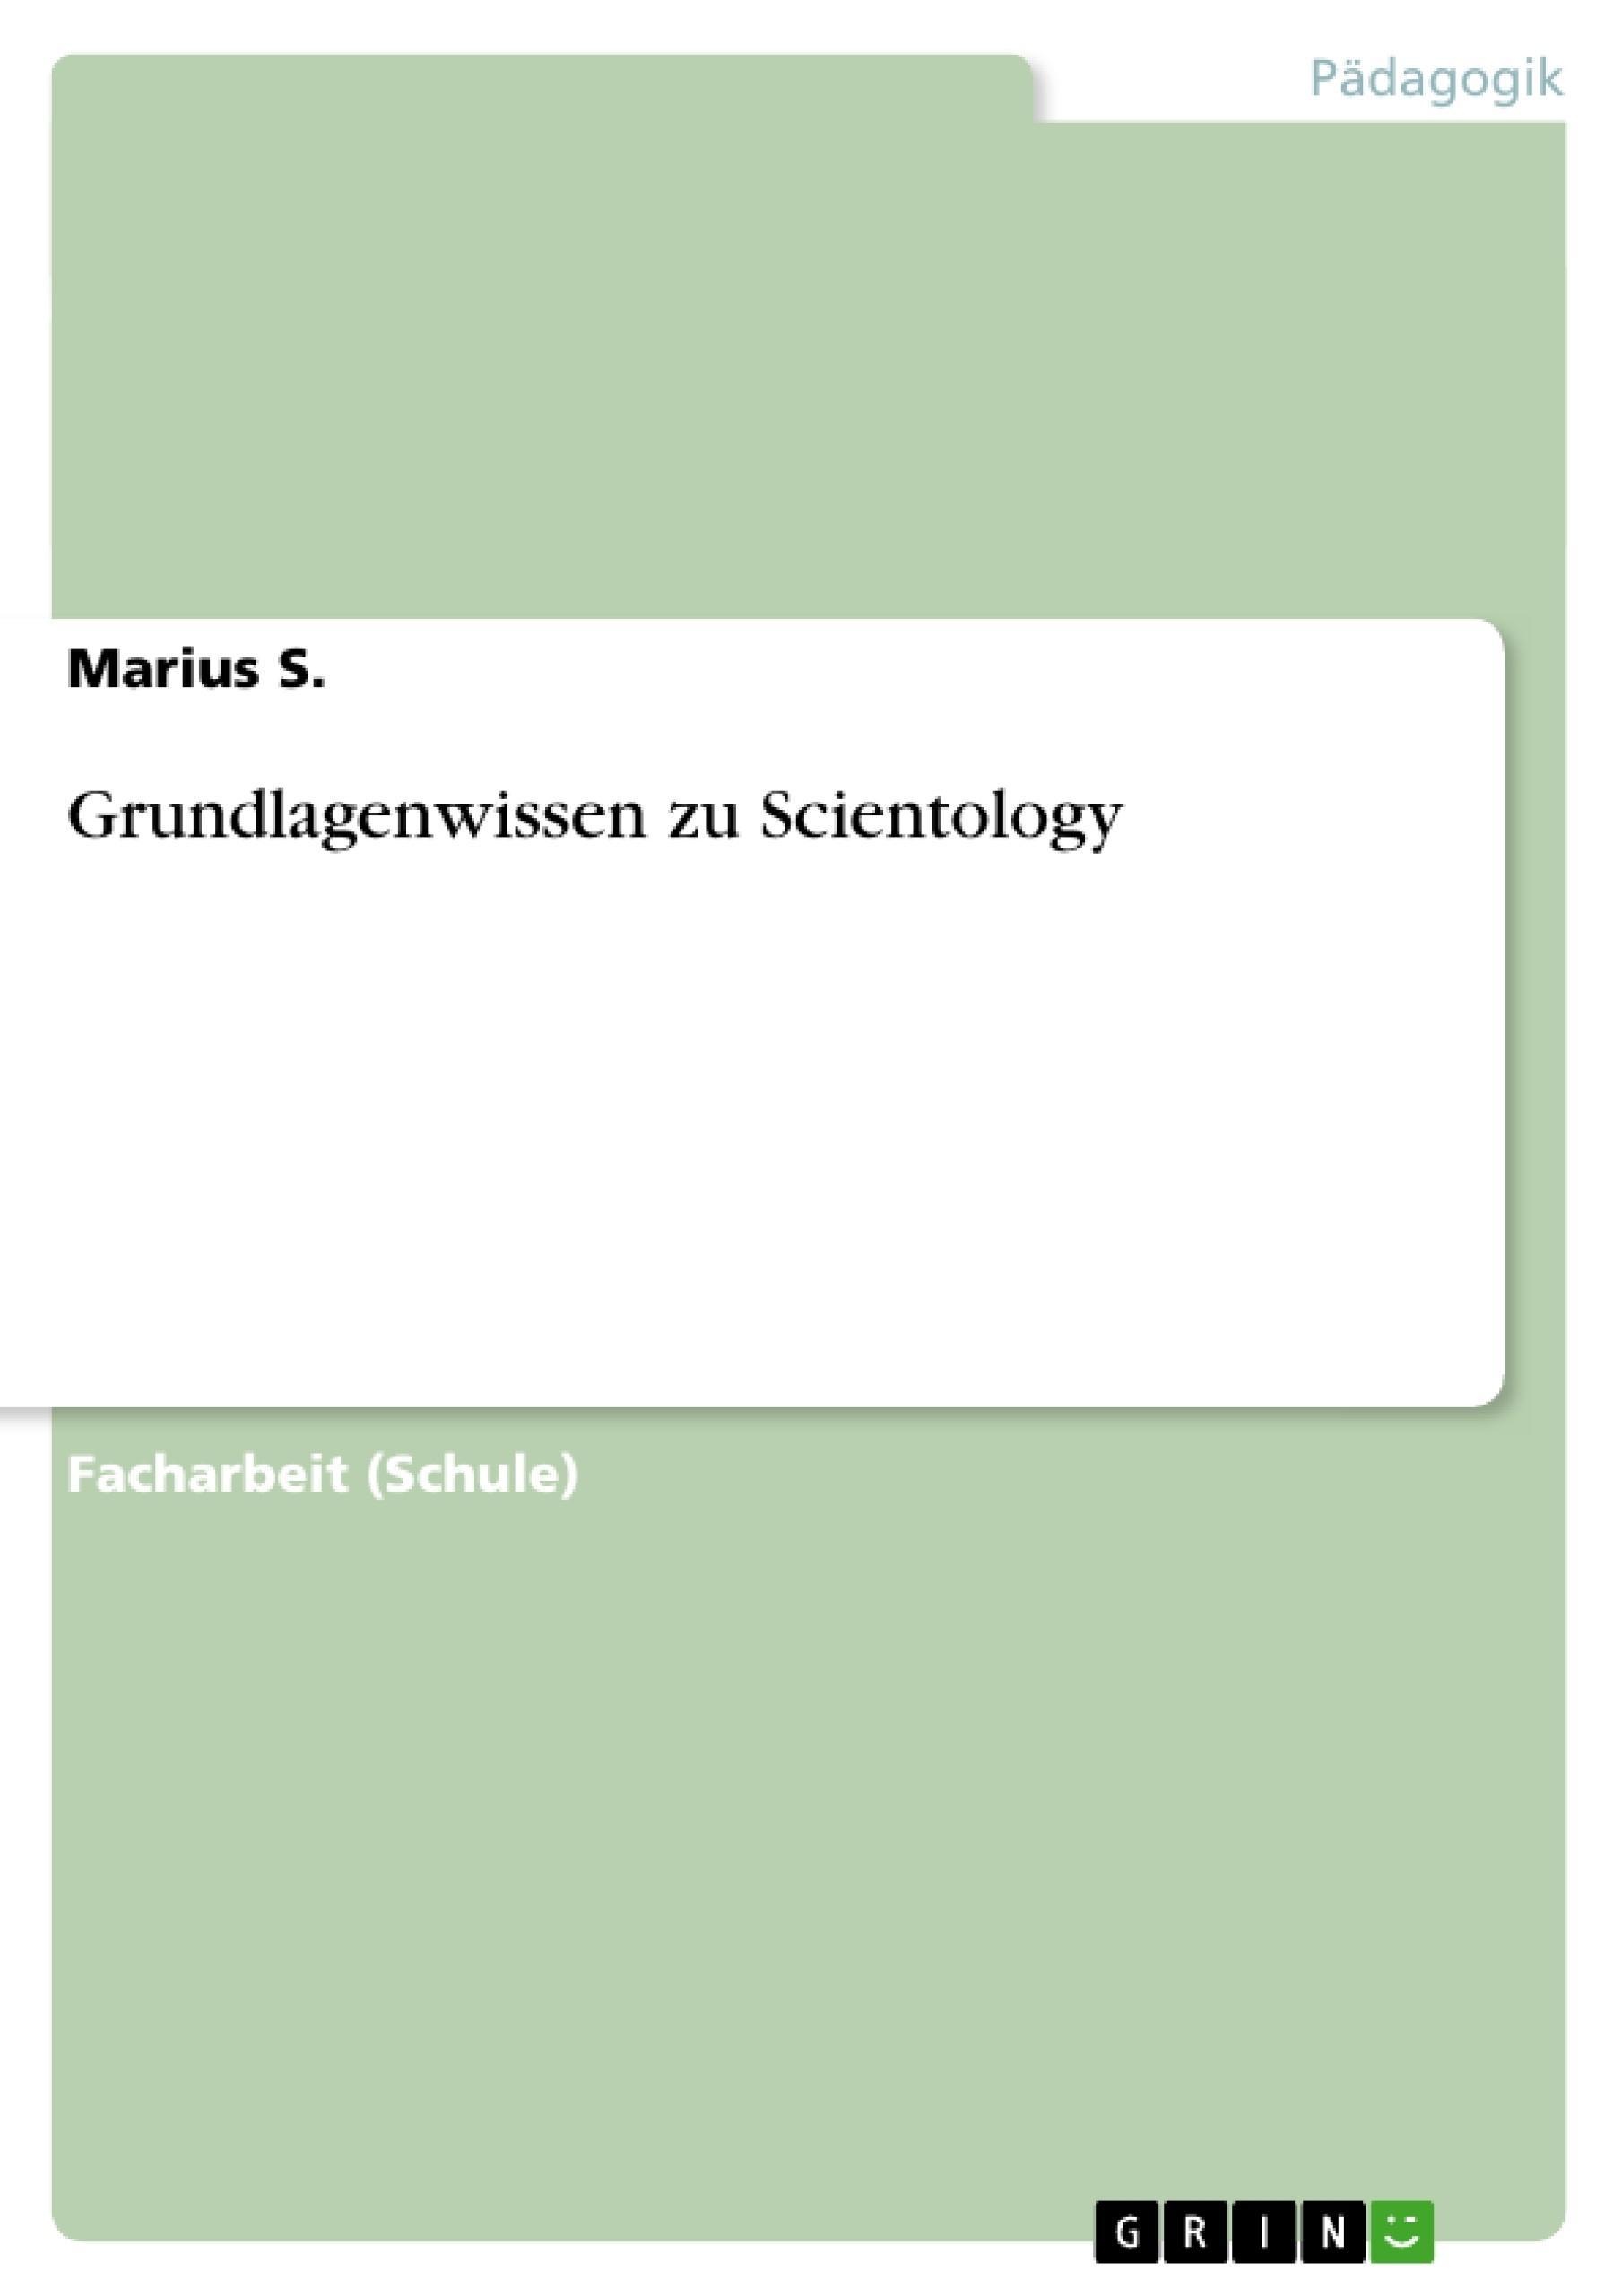 Titel: Grundlagenwissen zu Scientology